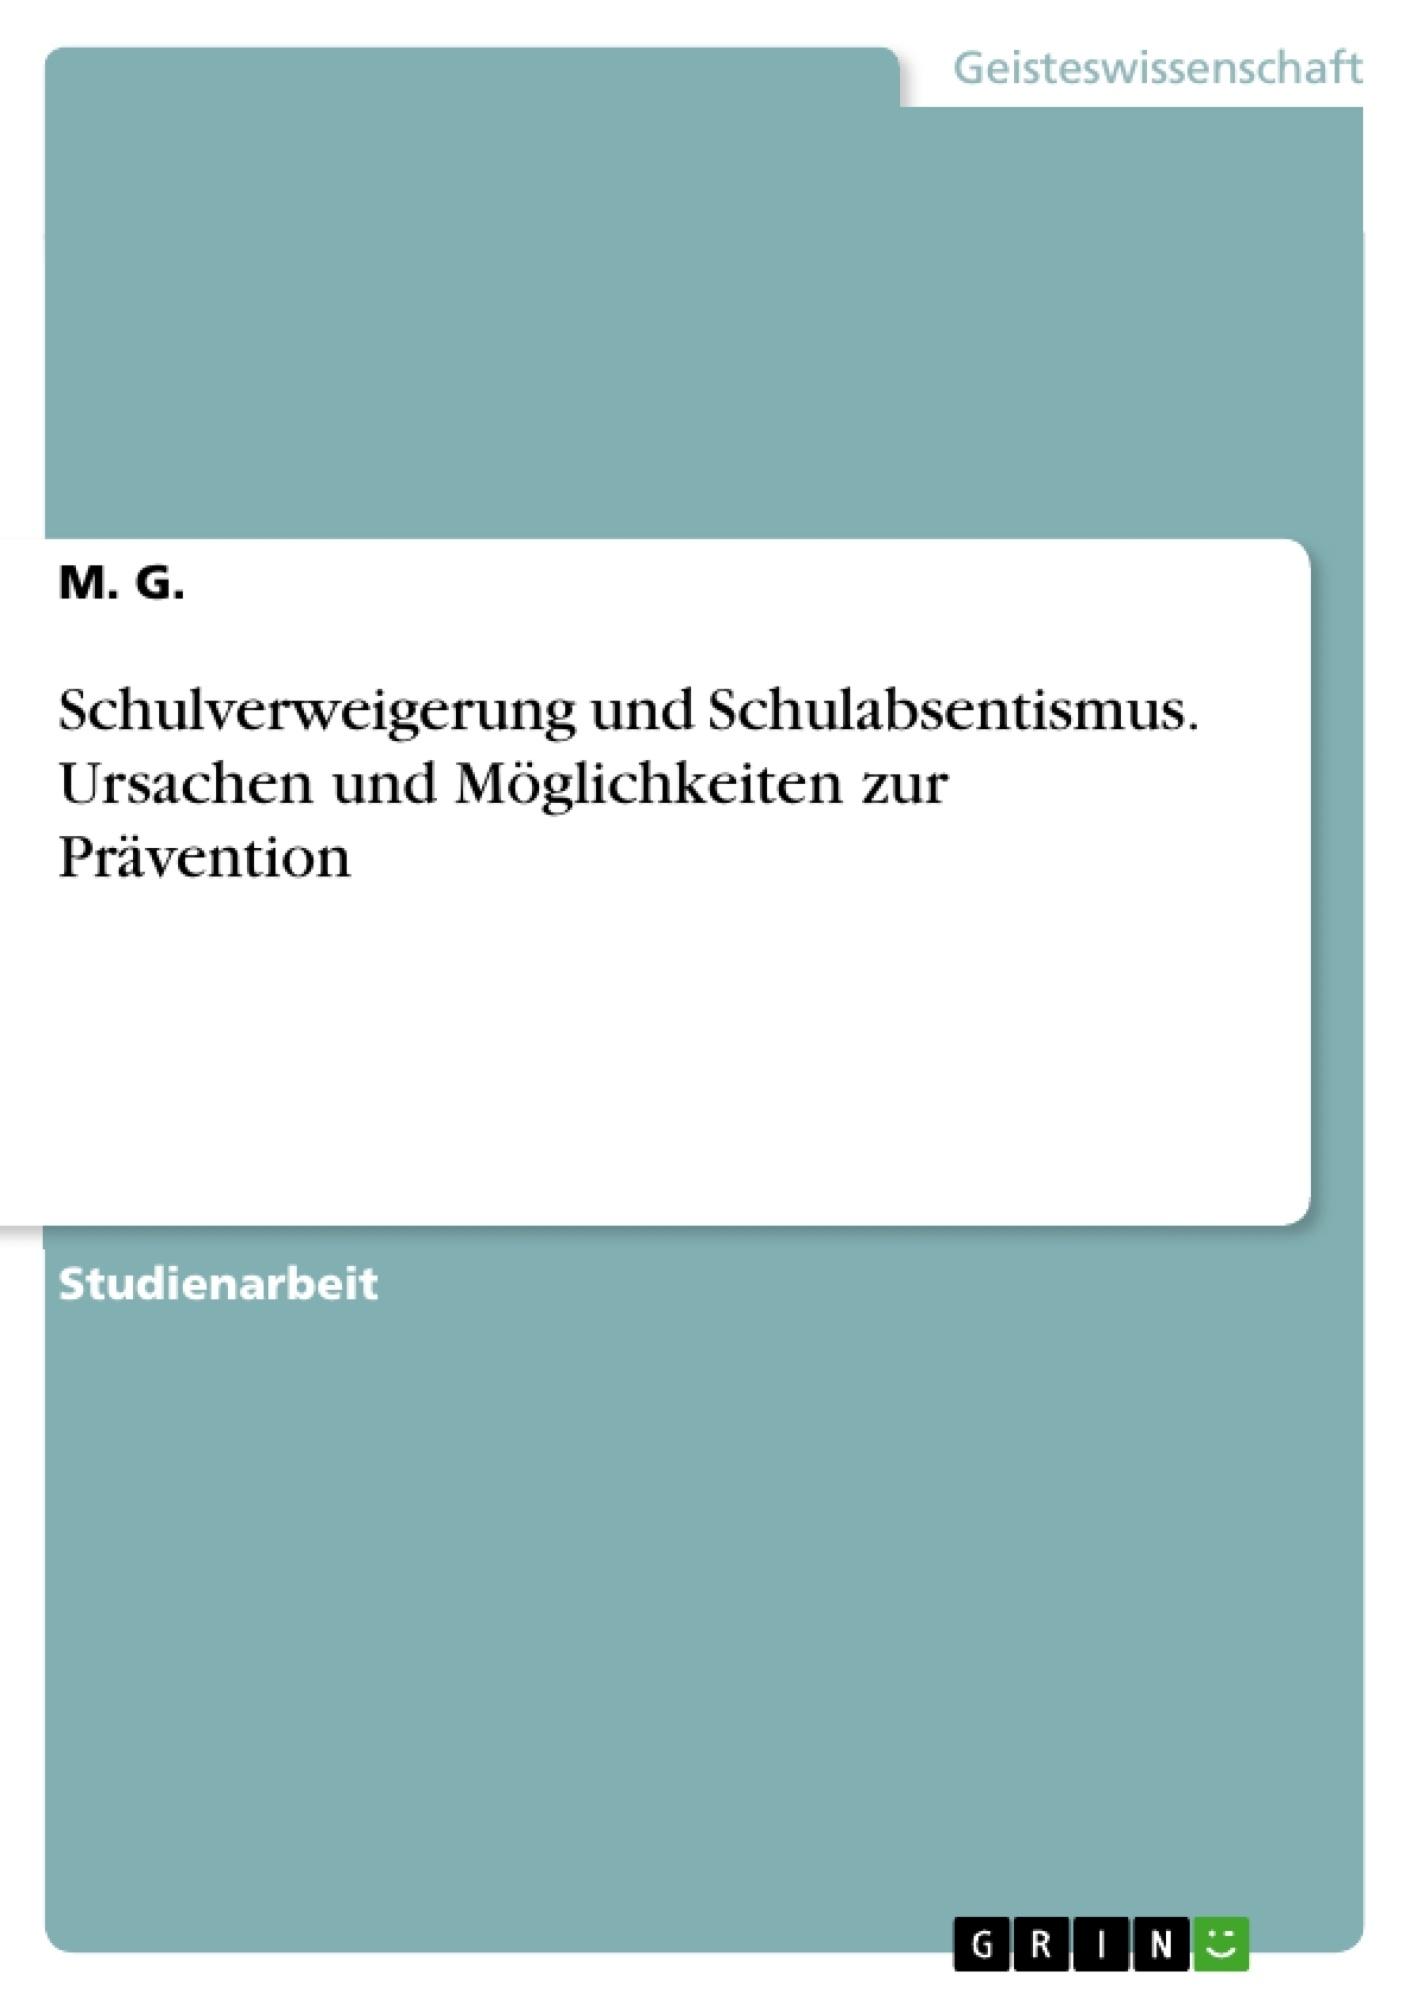 Titel: Schulverweigerung und Schulabsentismus. Ursachen und Möglichkeiten zur Prävention